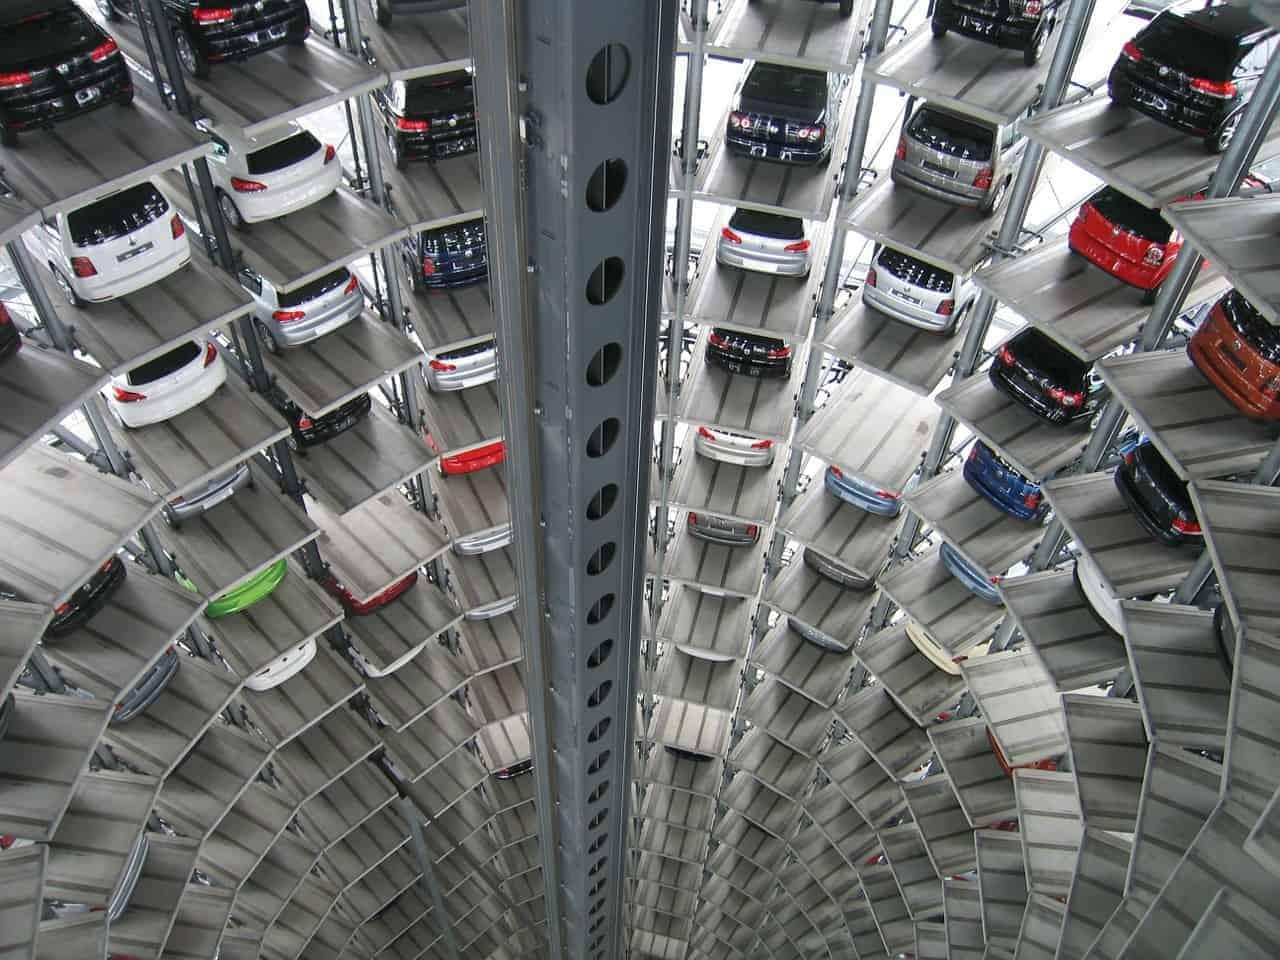 Ihr Autohaus online erfolgreich machen - so gehts!